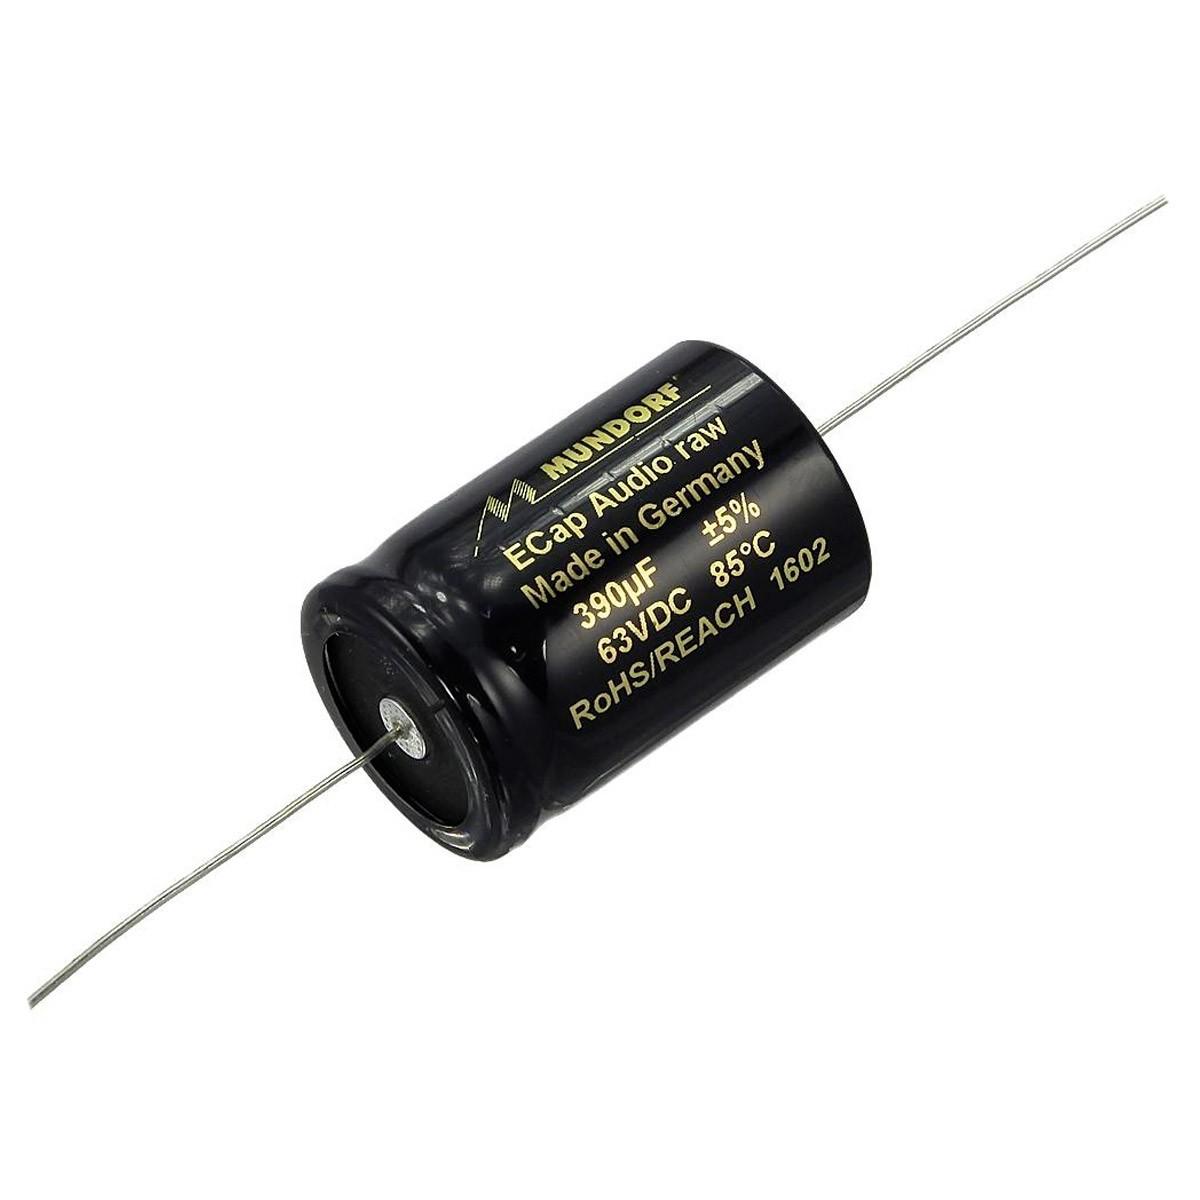 MUNDORF E-CAP ECAP63 (BR63) RAW Condensateur 63VDC 23VAC 390µF